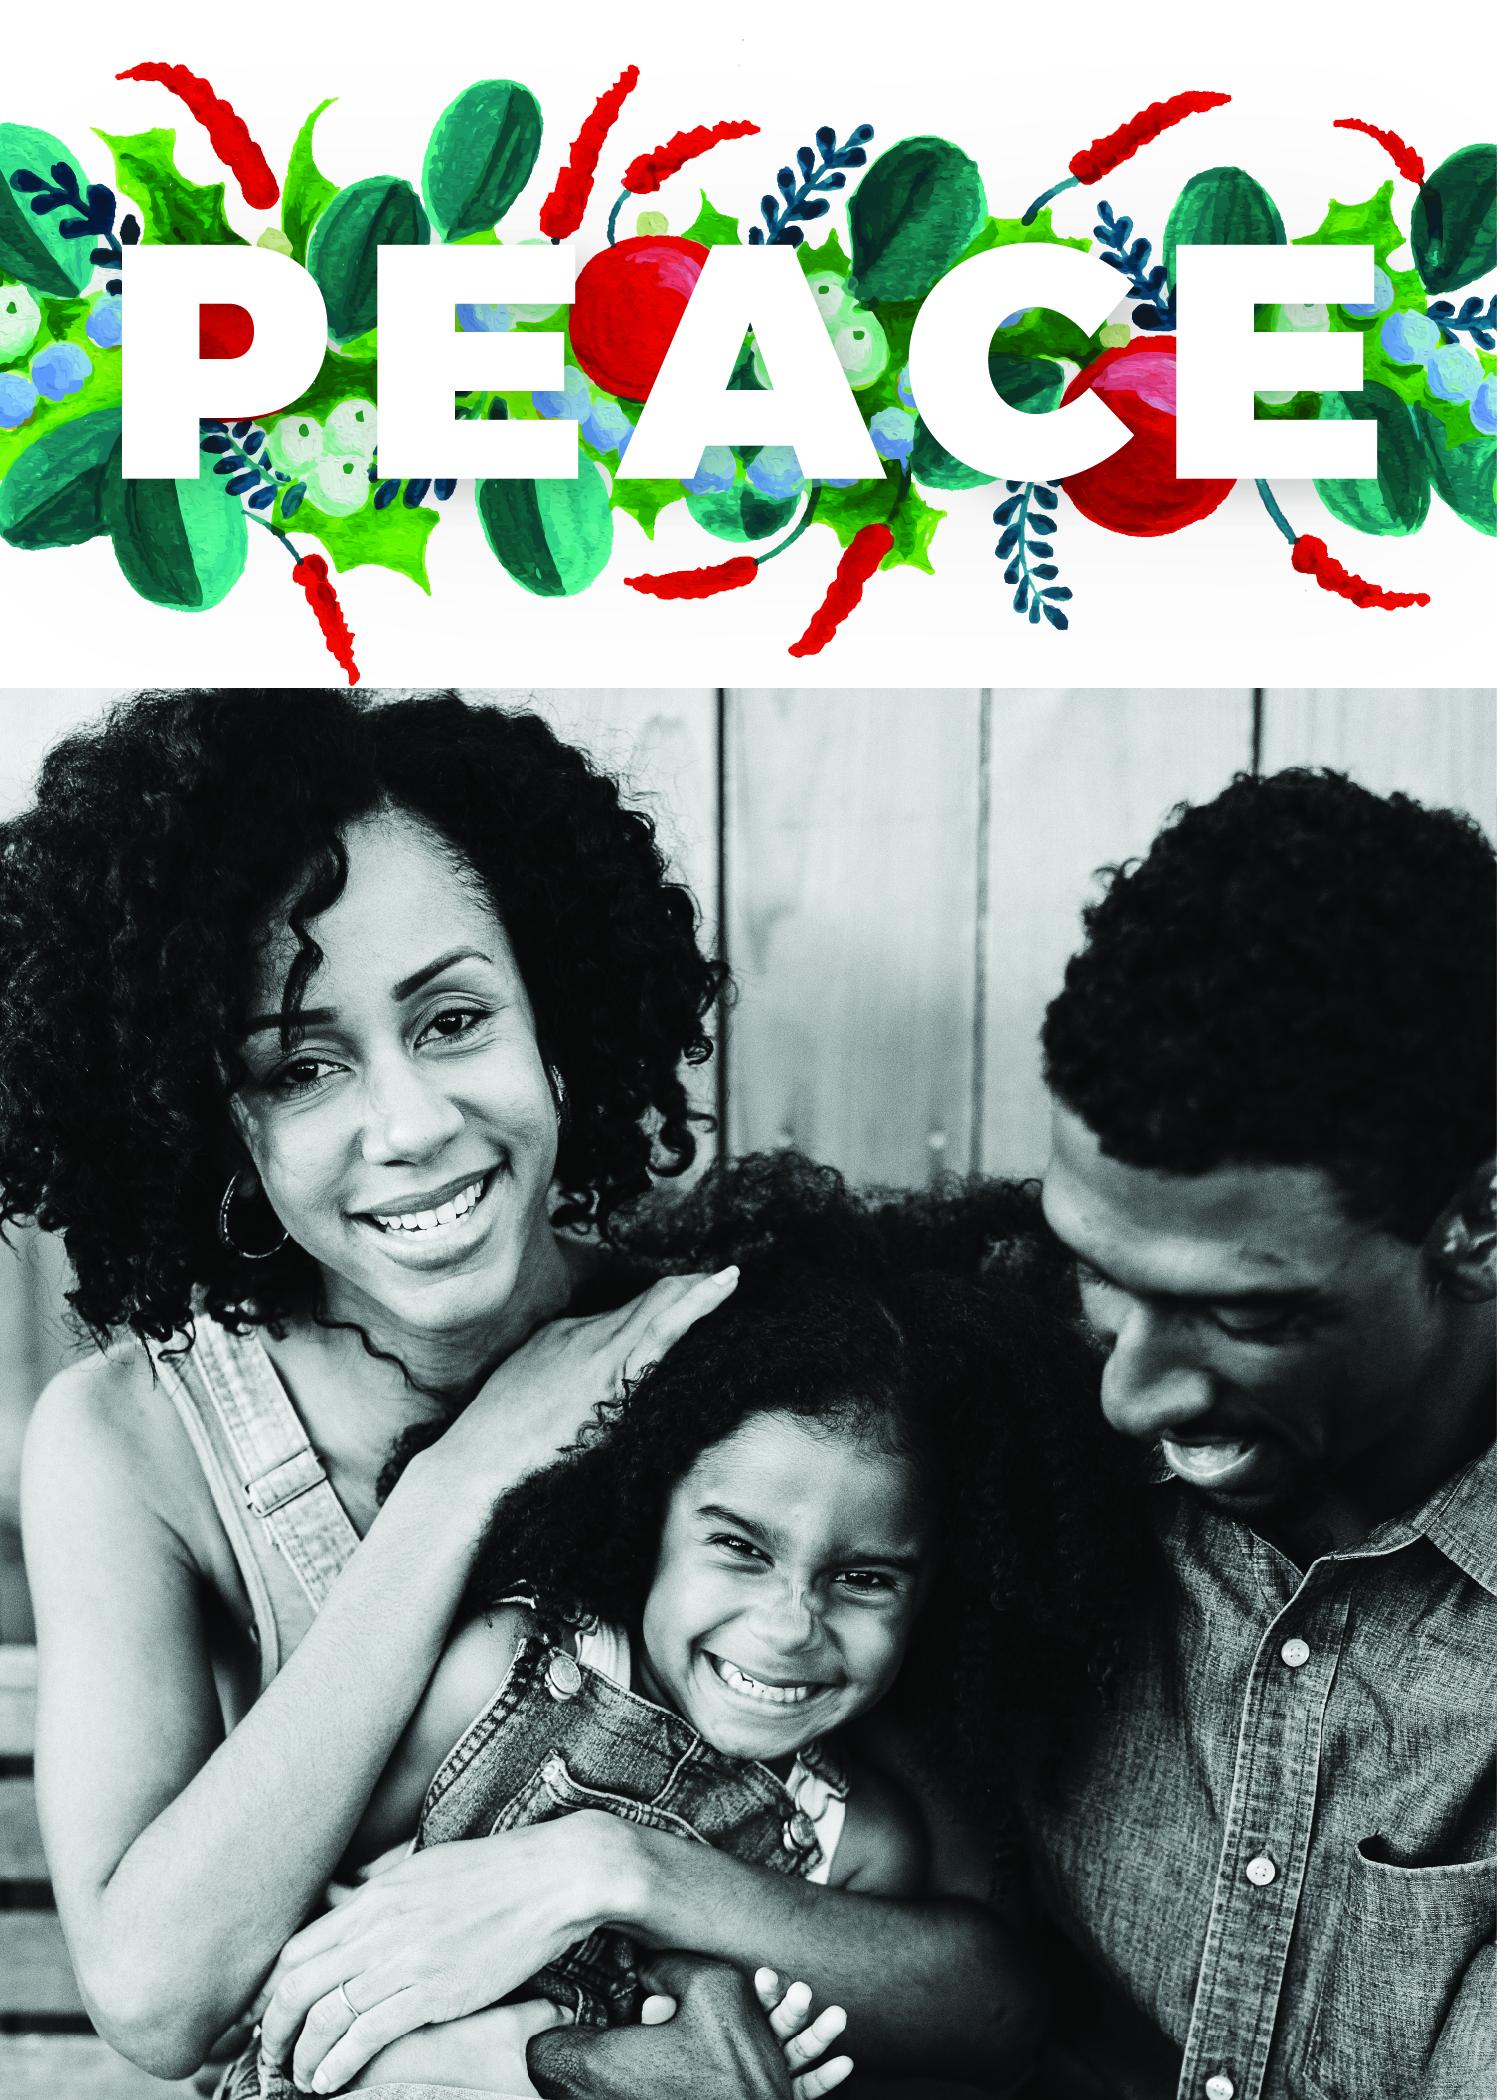 KODAK_PEACE2-01.jpg